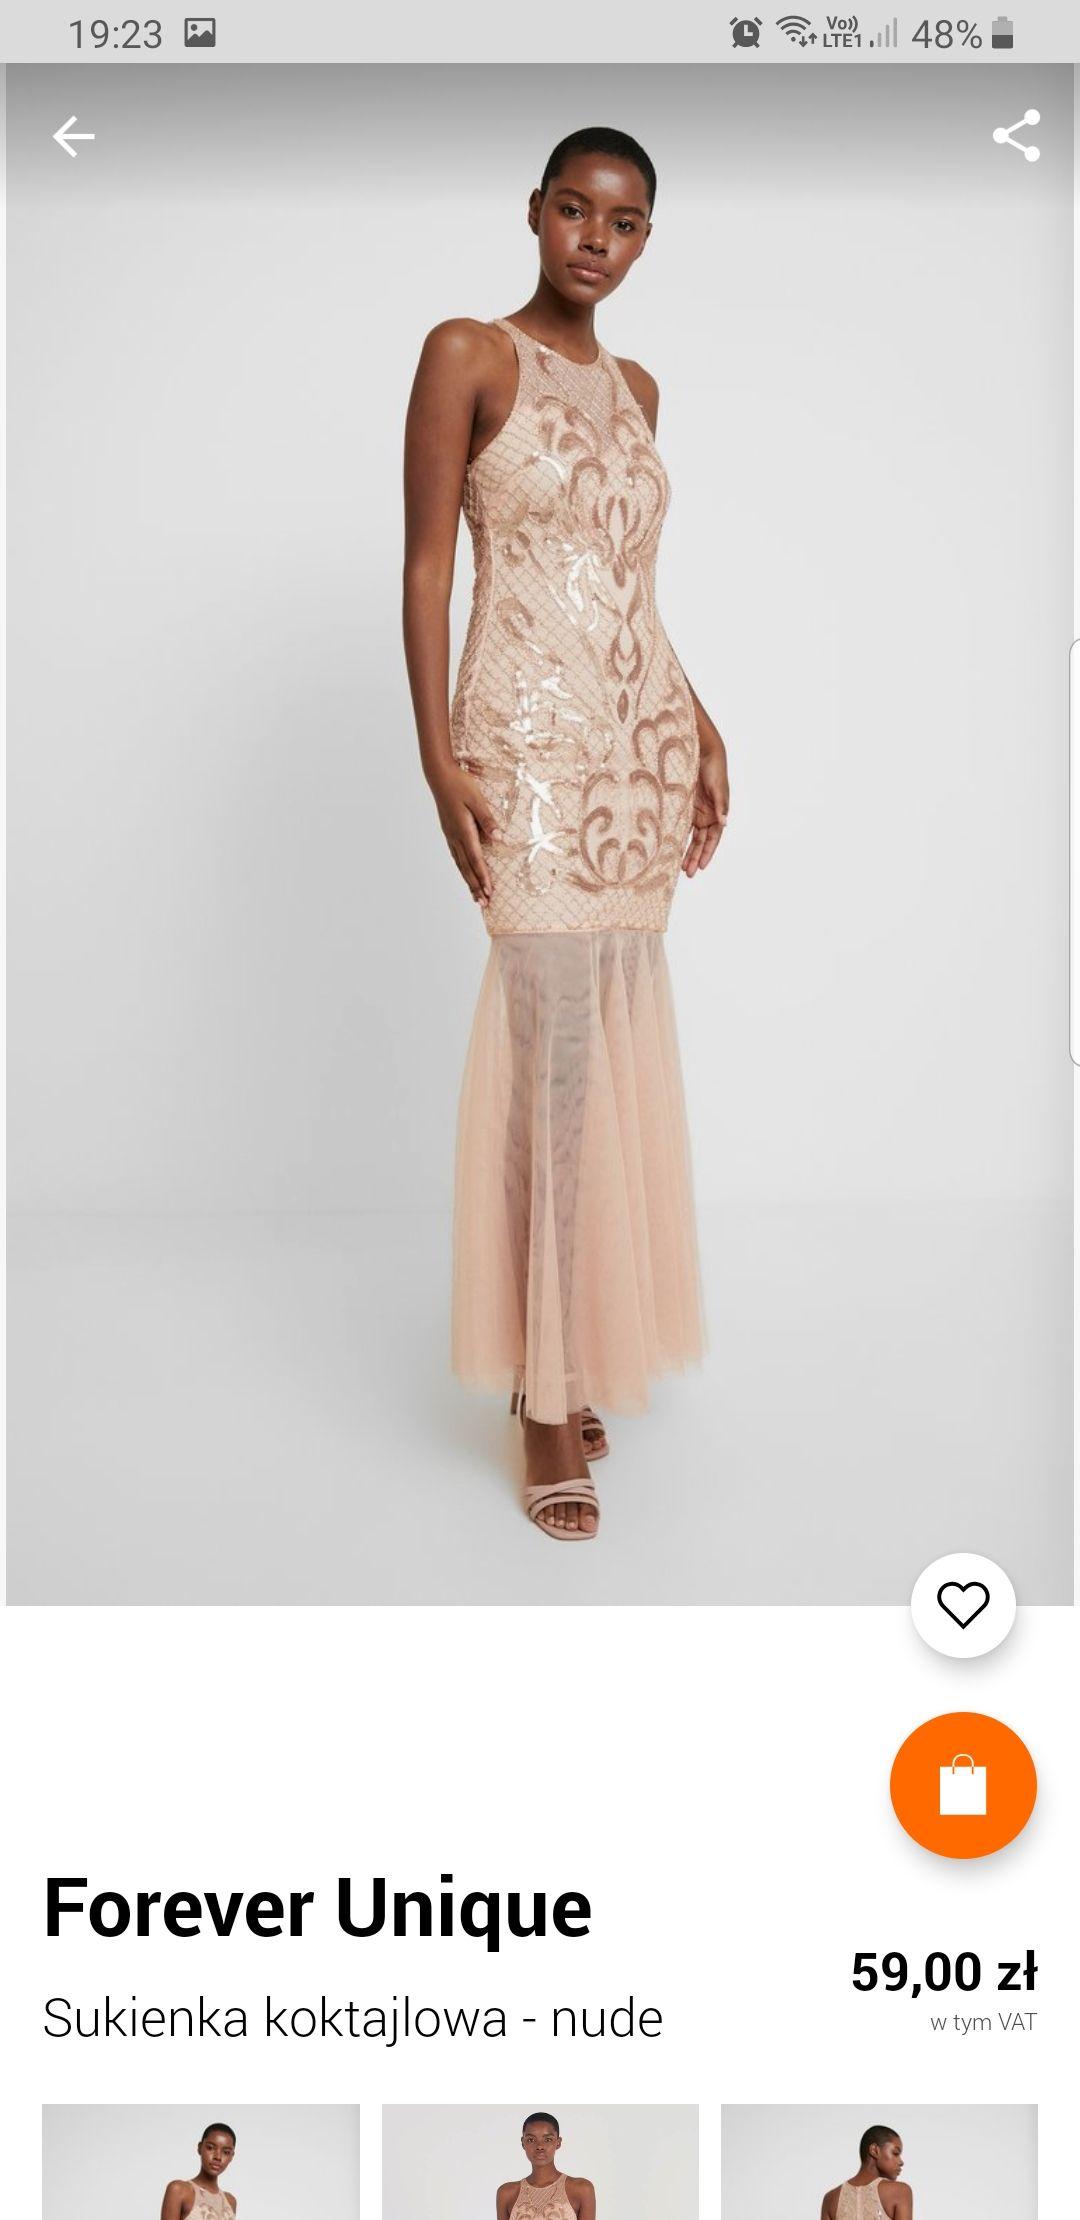 Błąd cenowy Zalando sukienka